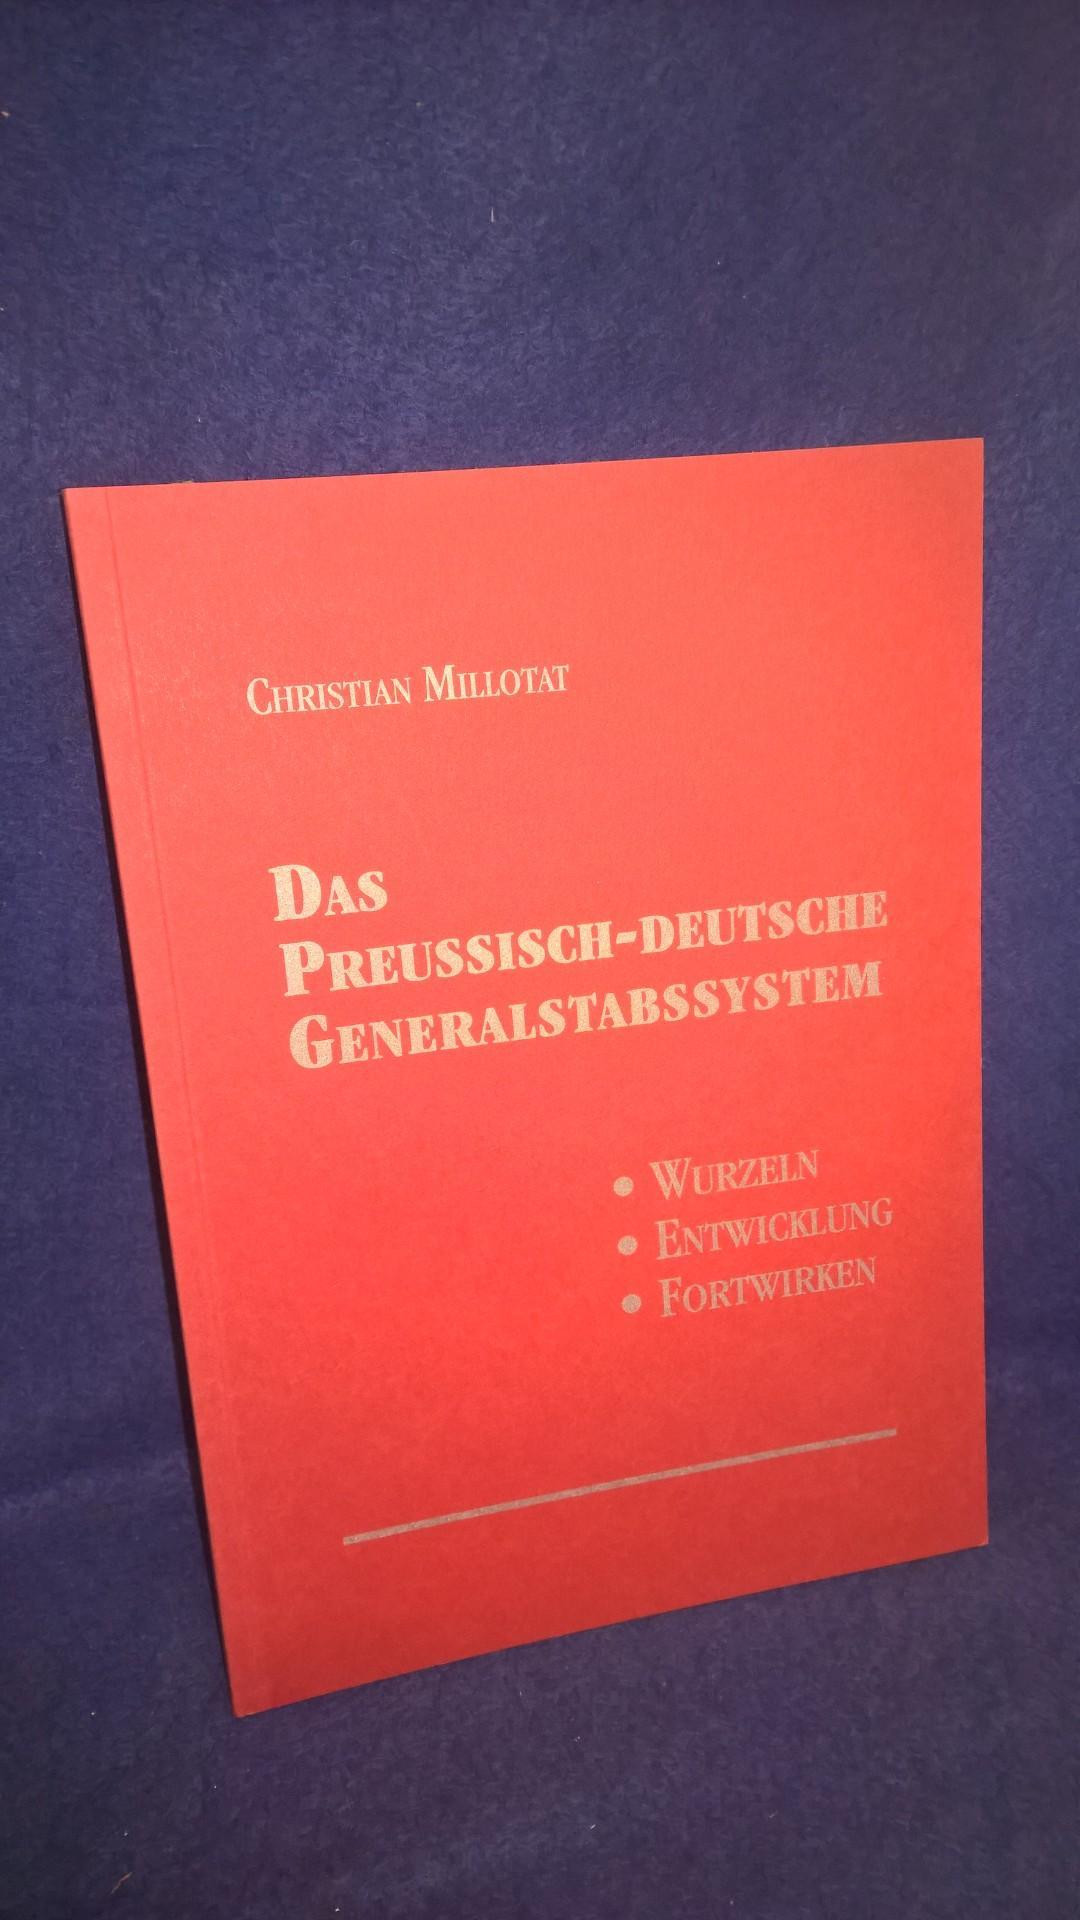 Das Preussisch-Deutsche Generalstabssystem - Wurzeln - Entwicklung - Fortwirken.